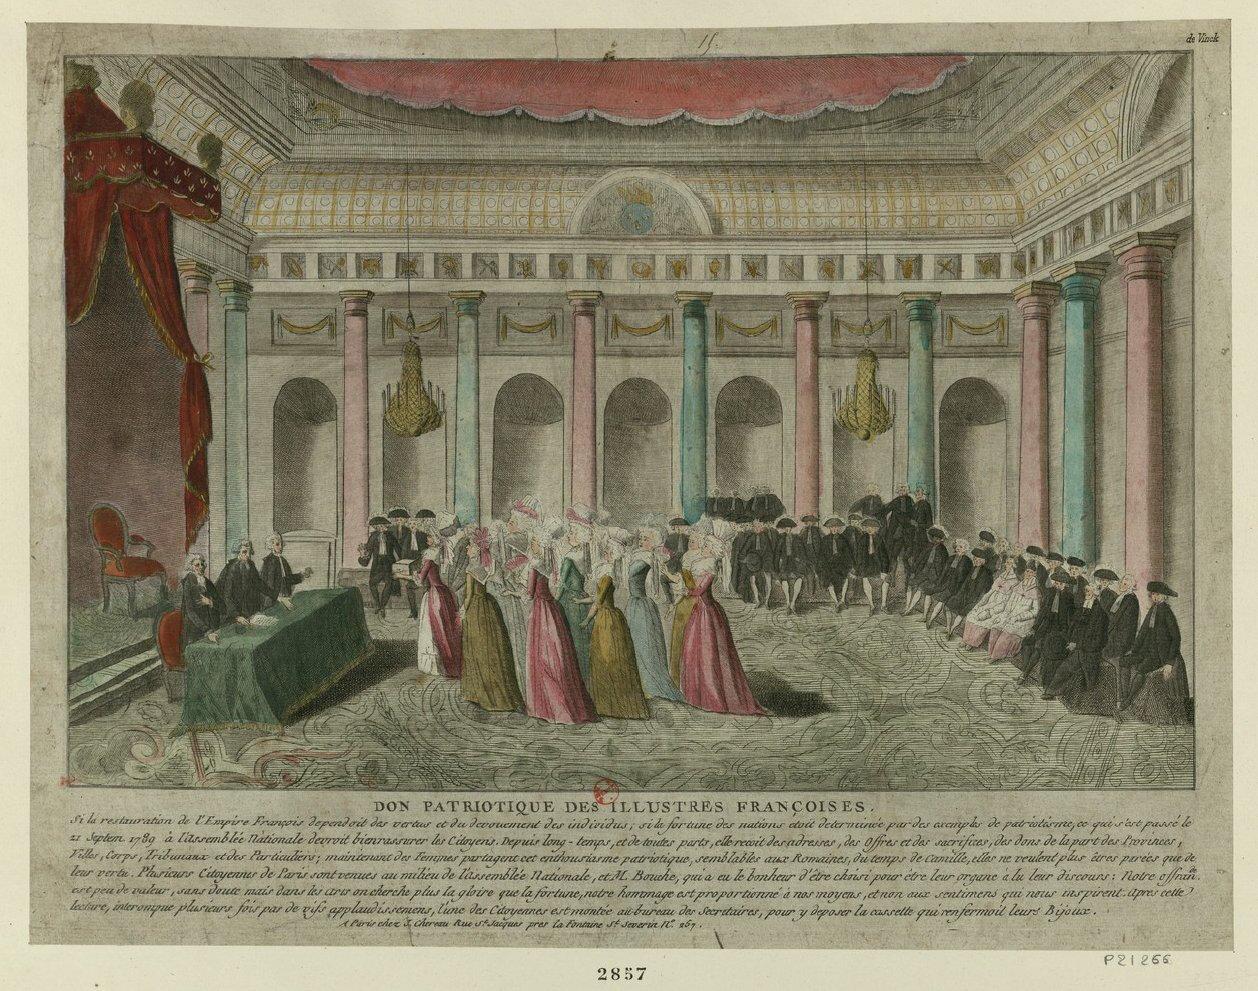 Le 9 janvier 1790 à Mamers : don patriotique de bijoux.